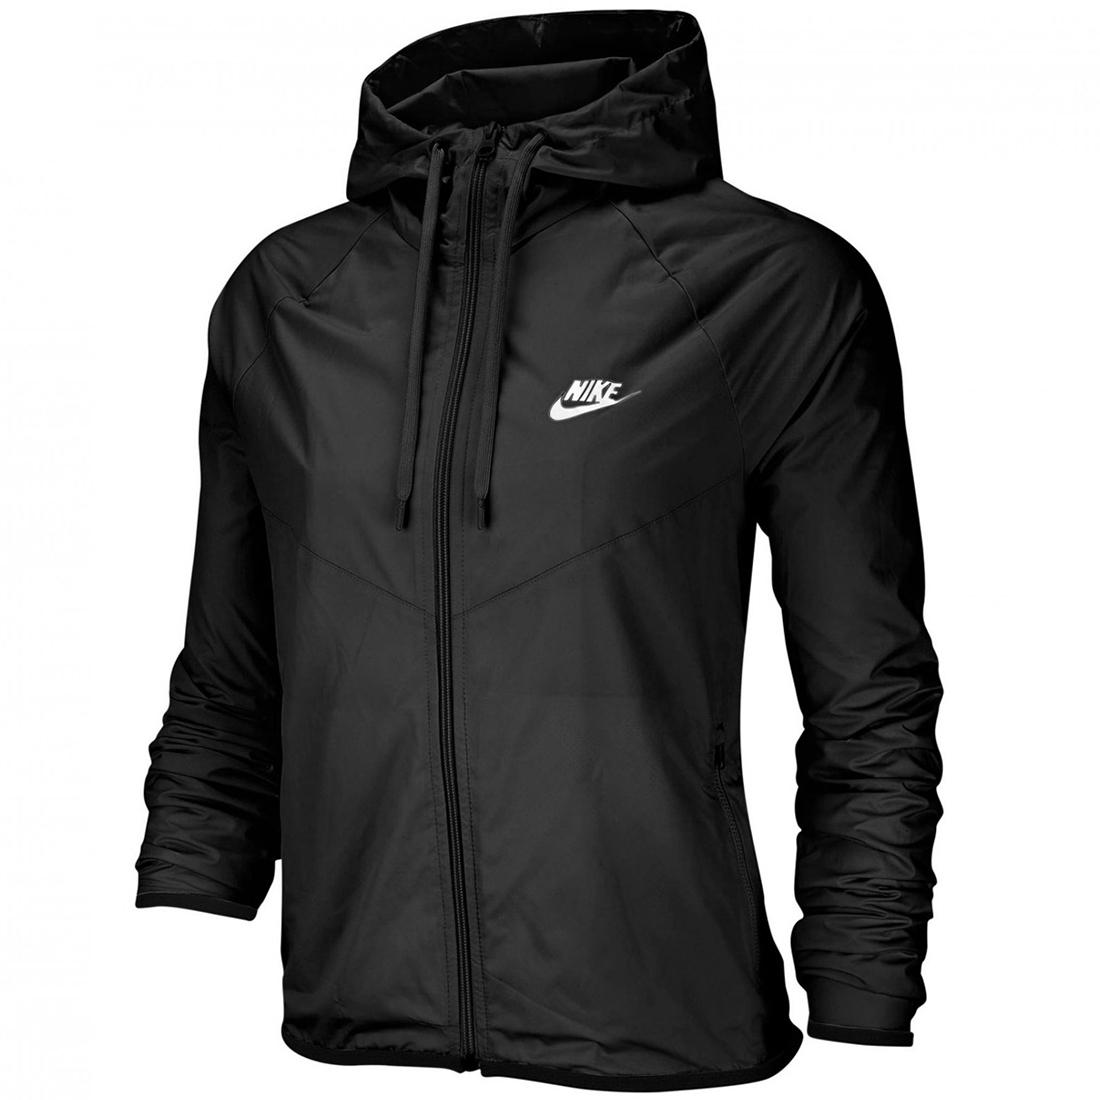 Nike Sportswear WMNS Windbreaker Jacke schwarz